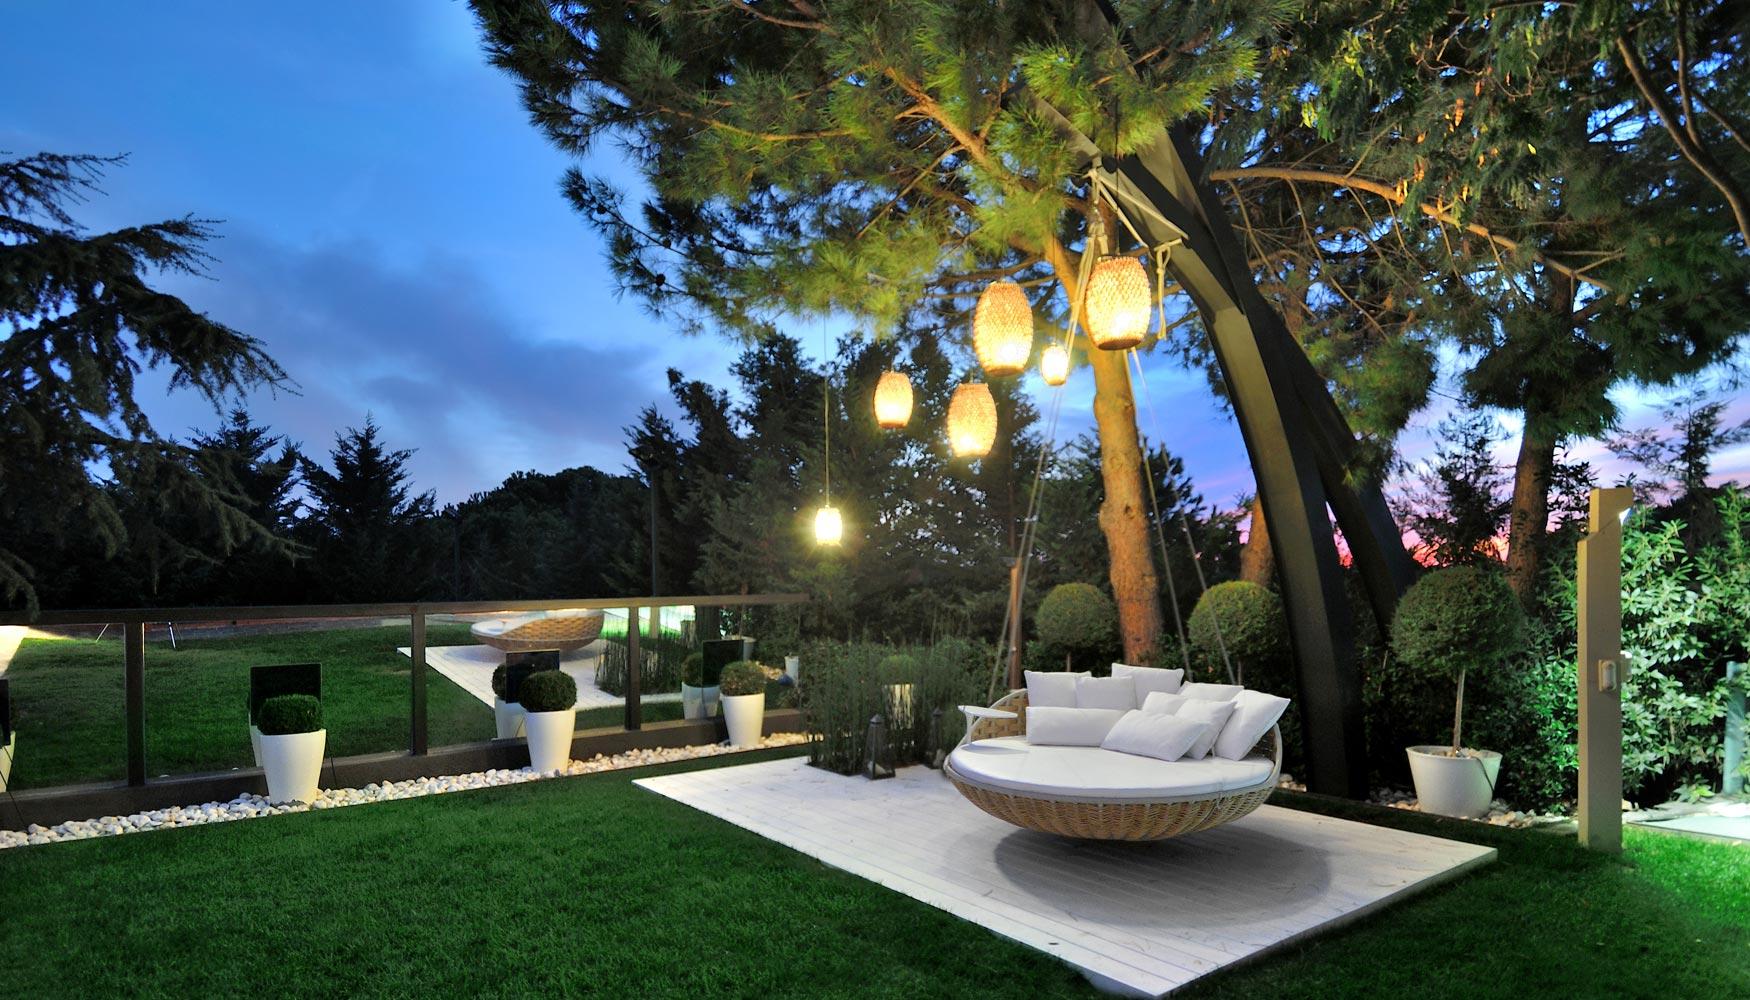 Los jardines se rinden ante la iluminaci n colgante for Focos para exterior jardin